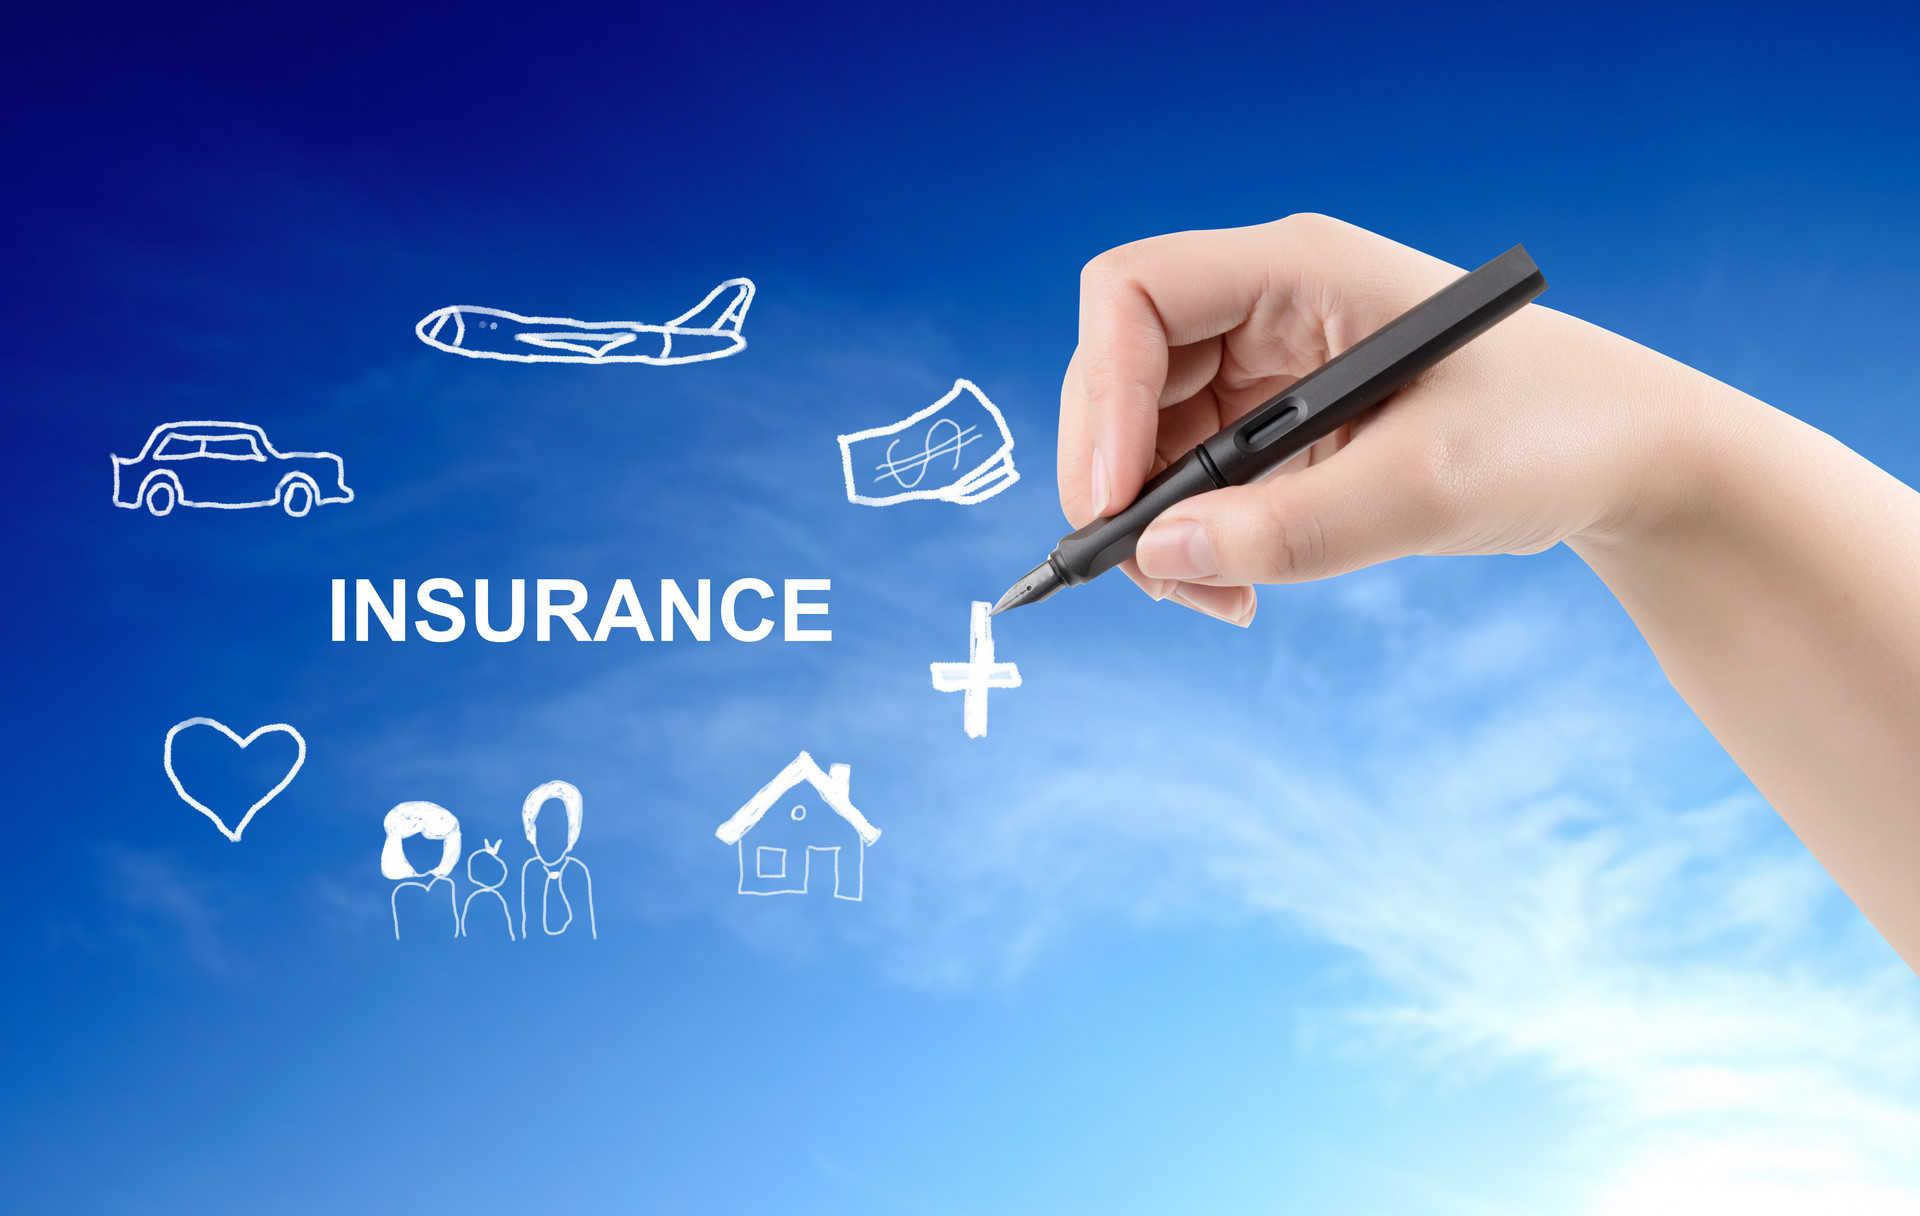 企业社保代缴缴费如何查询,代缴社保的公司,代理社保